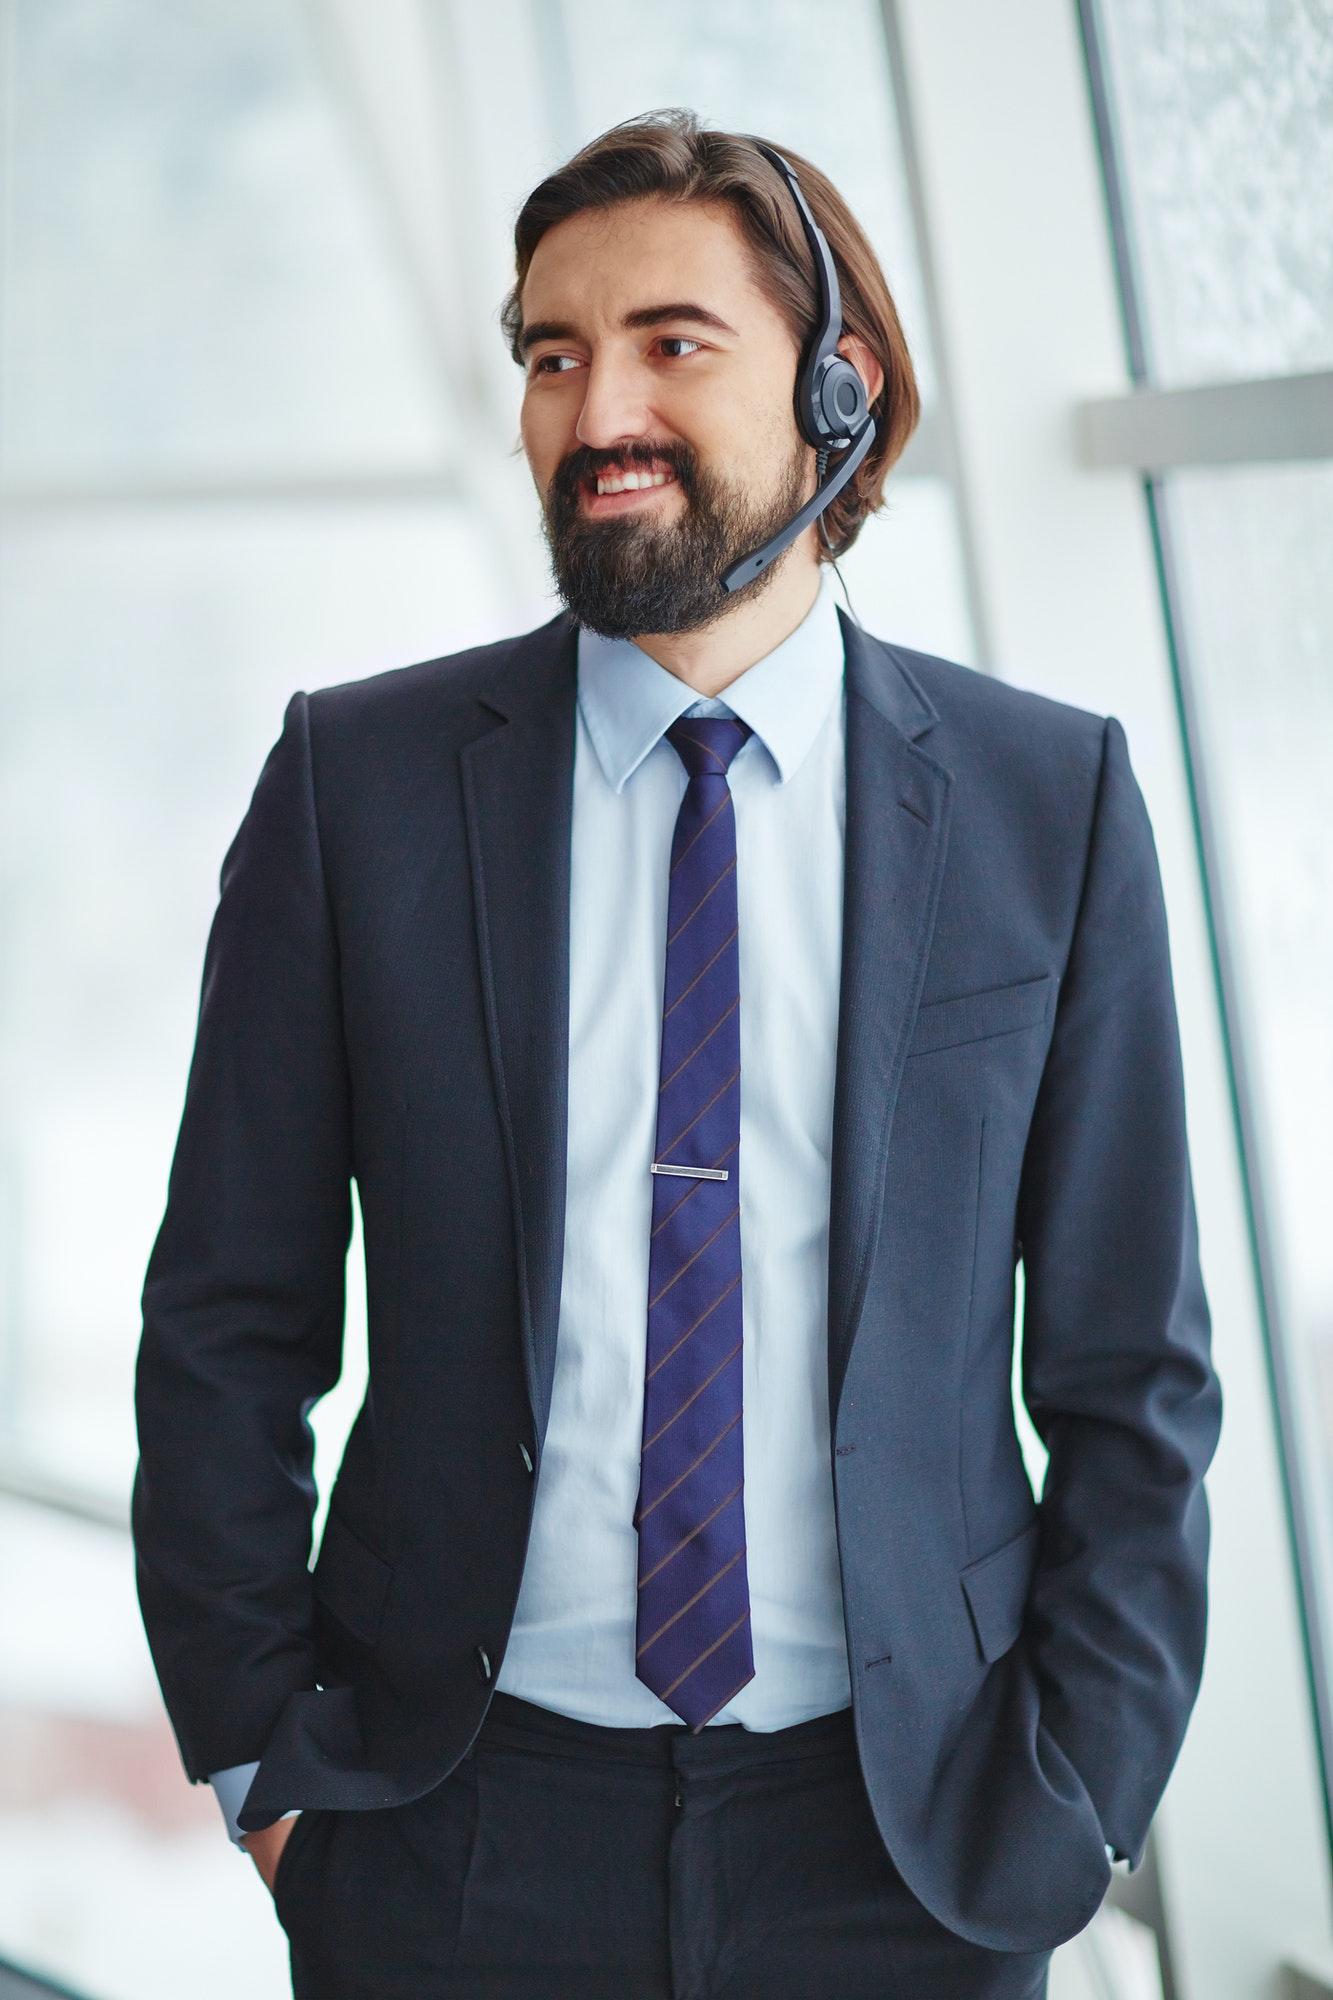 online consultant 1